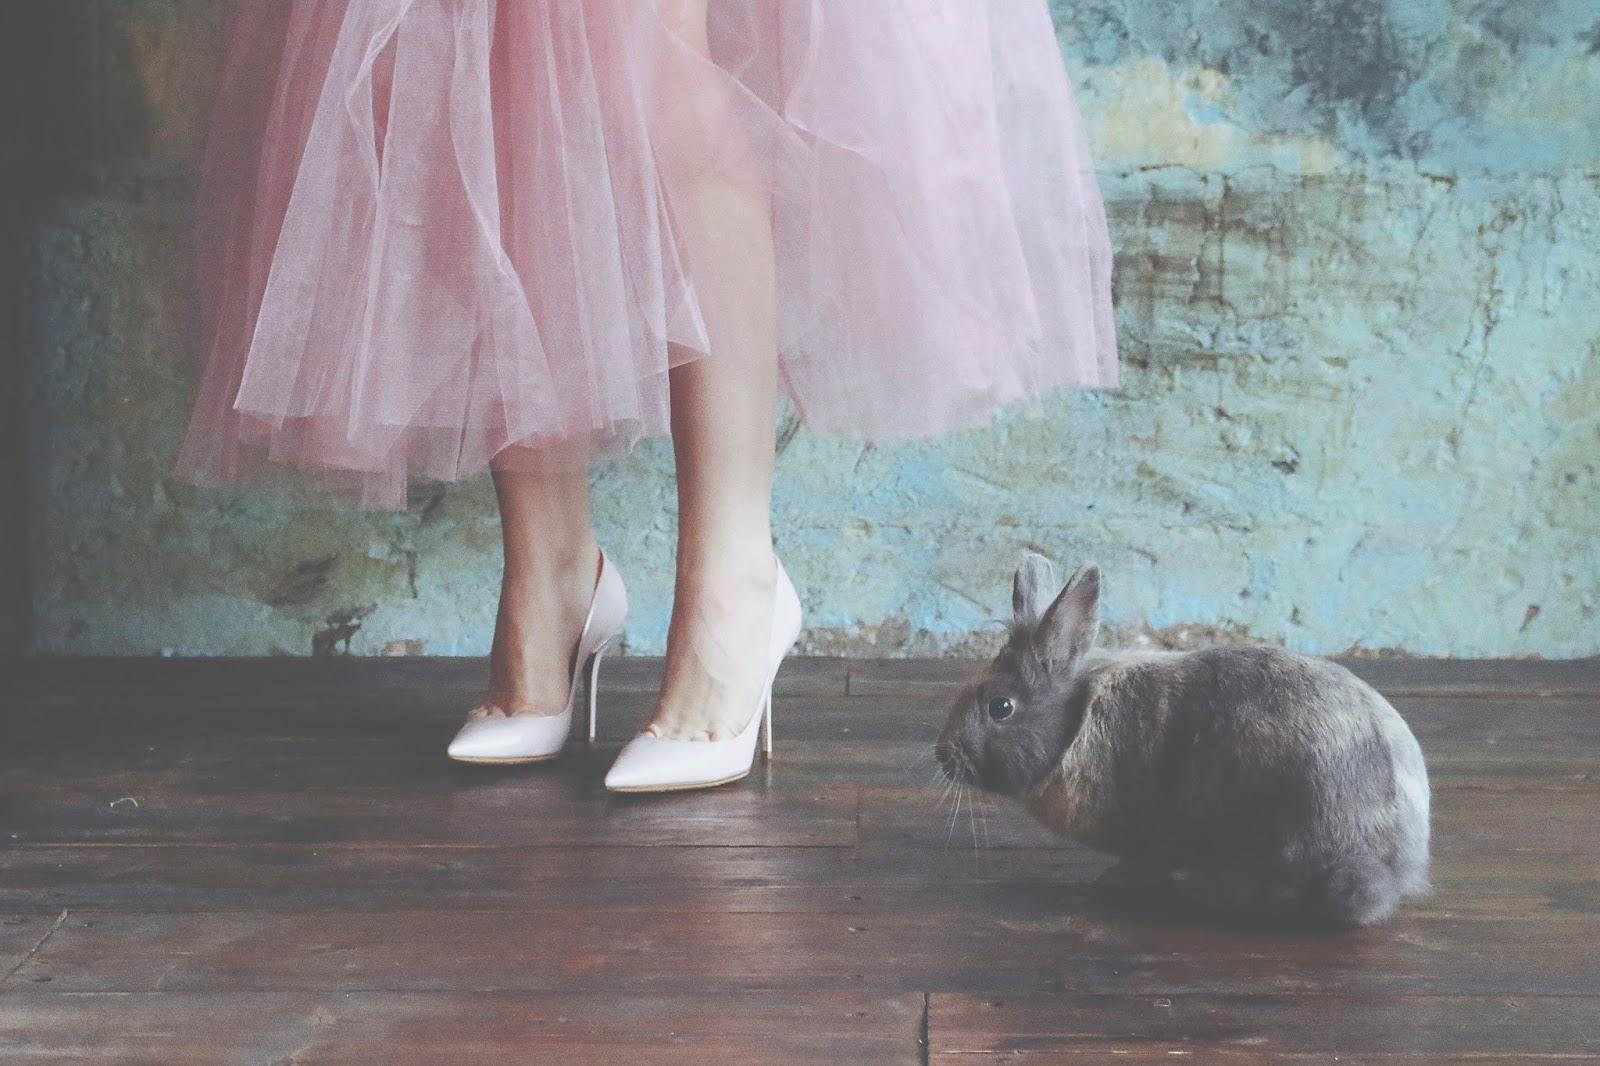 фото с кроликом,идеи для фотосессий, фатиновая юбка,розовые туфли,фотосессия,фотография,фотоискусство,